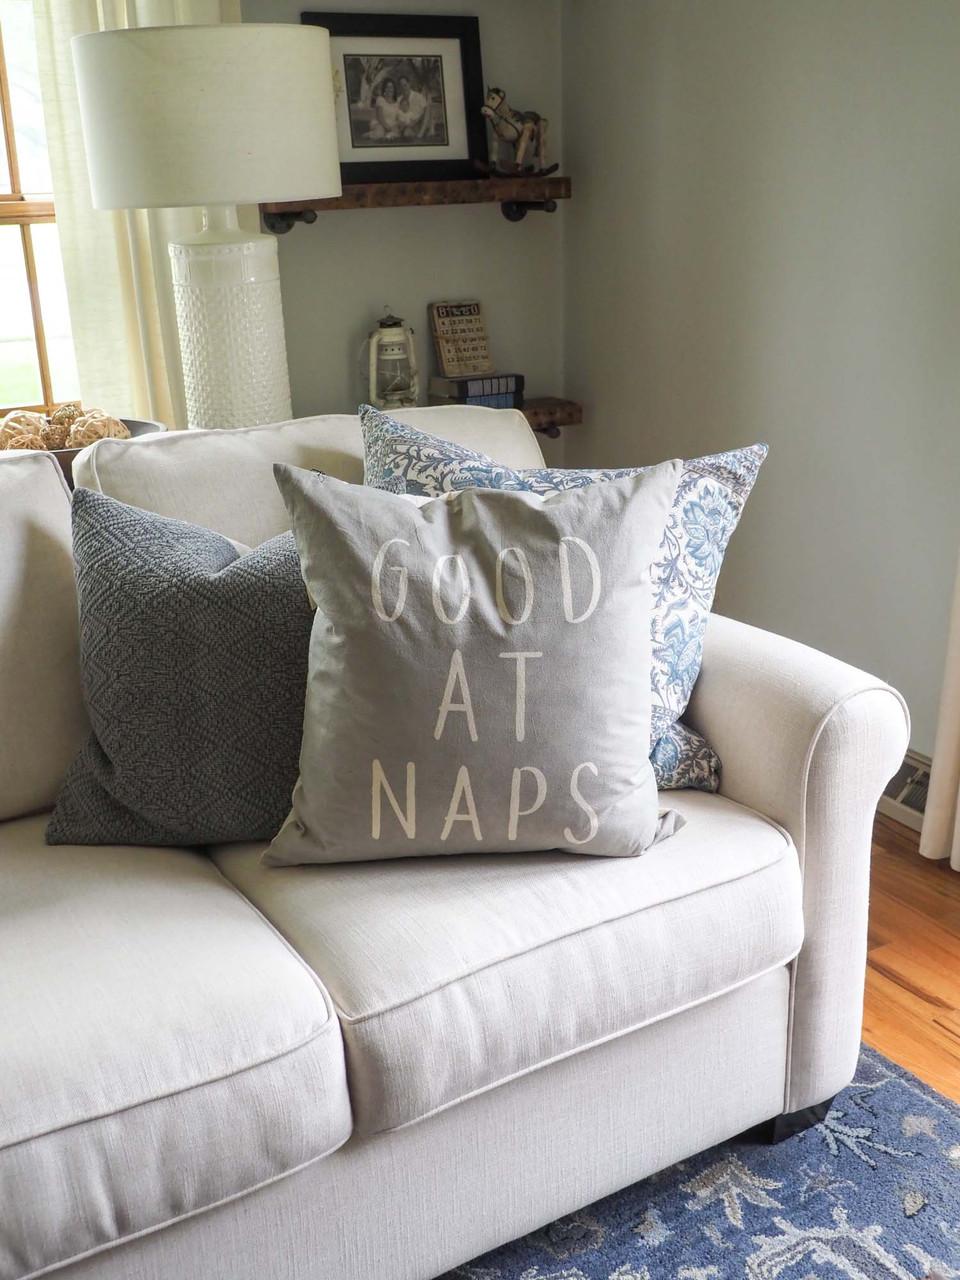 good at naps pillow indaba